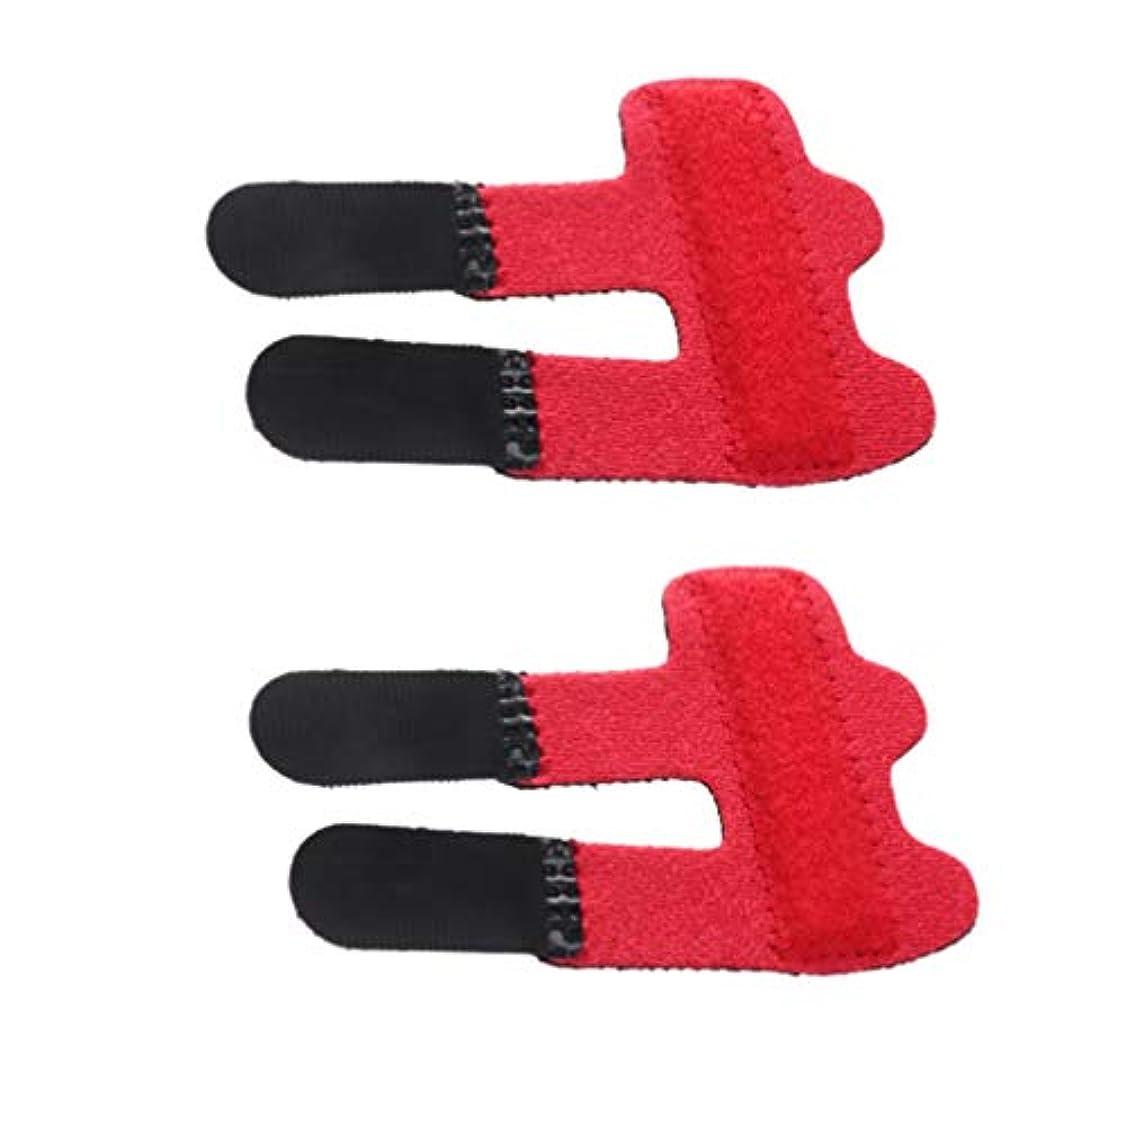 凍ったマティス聞きますHealifty 2本のマレットフィンガースプリントトリガーフィンガーブレースフィンガーエクステンションスプリント用壊れた指腱の痛みの緩和(赤)